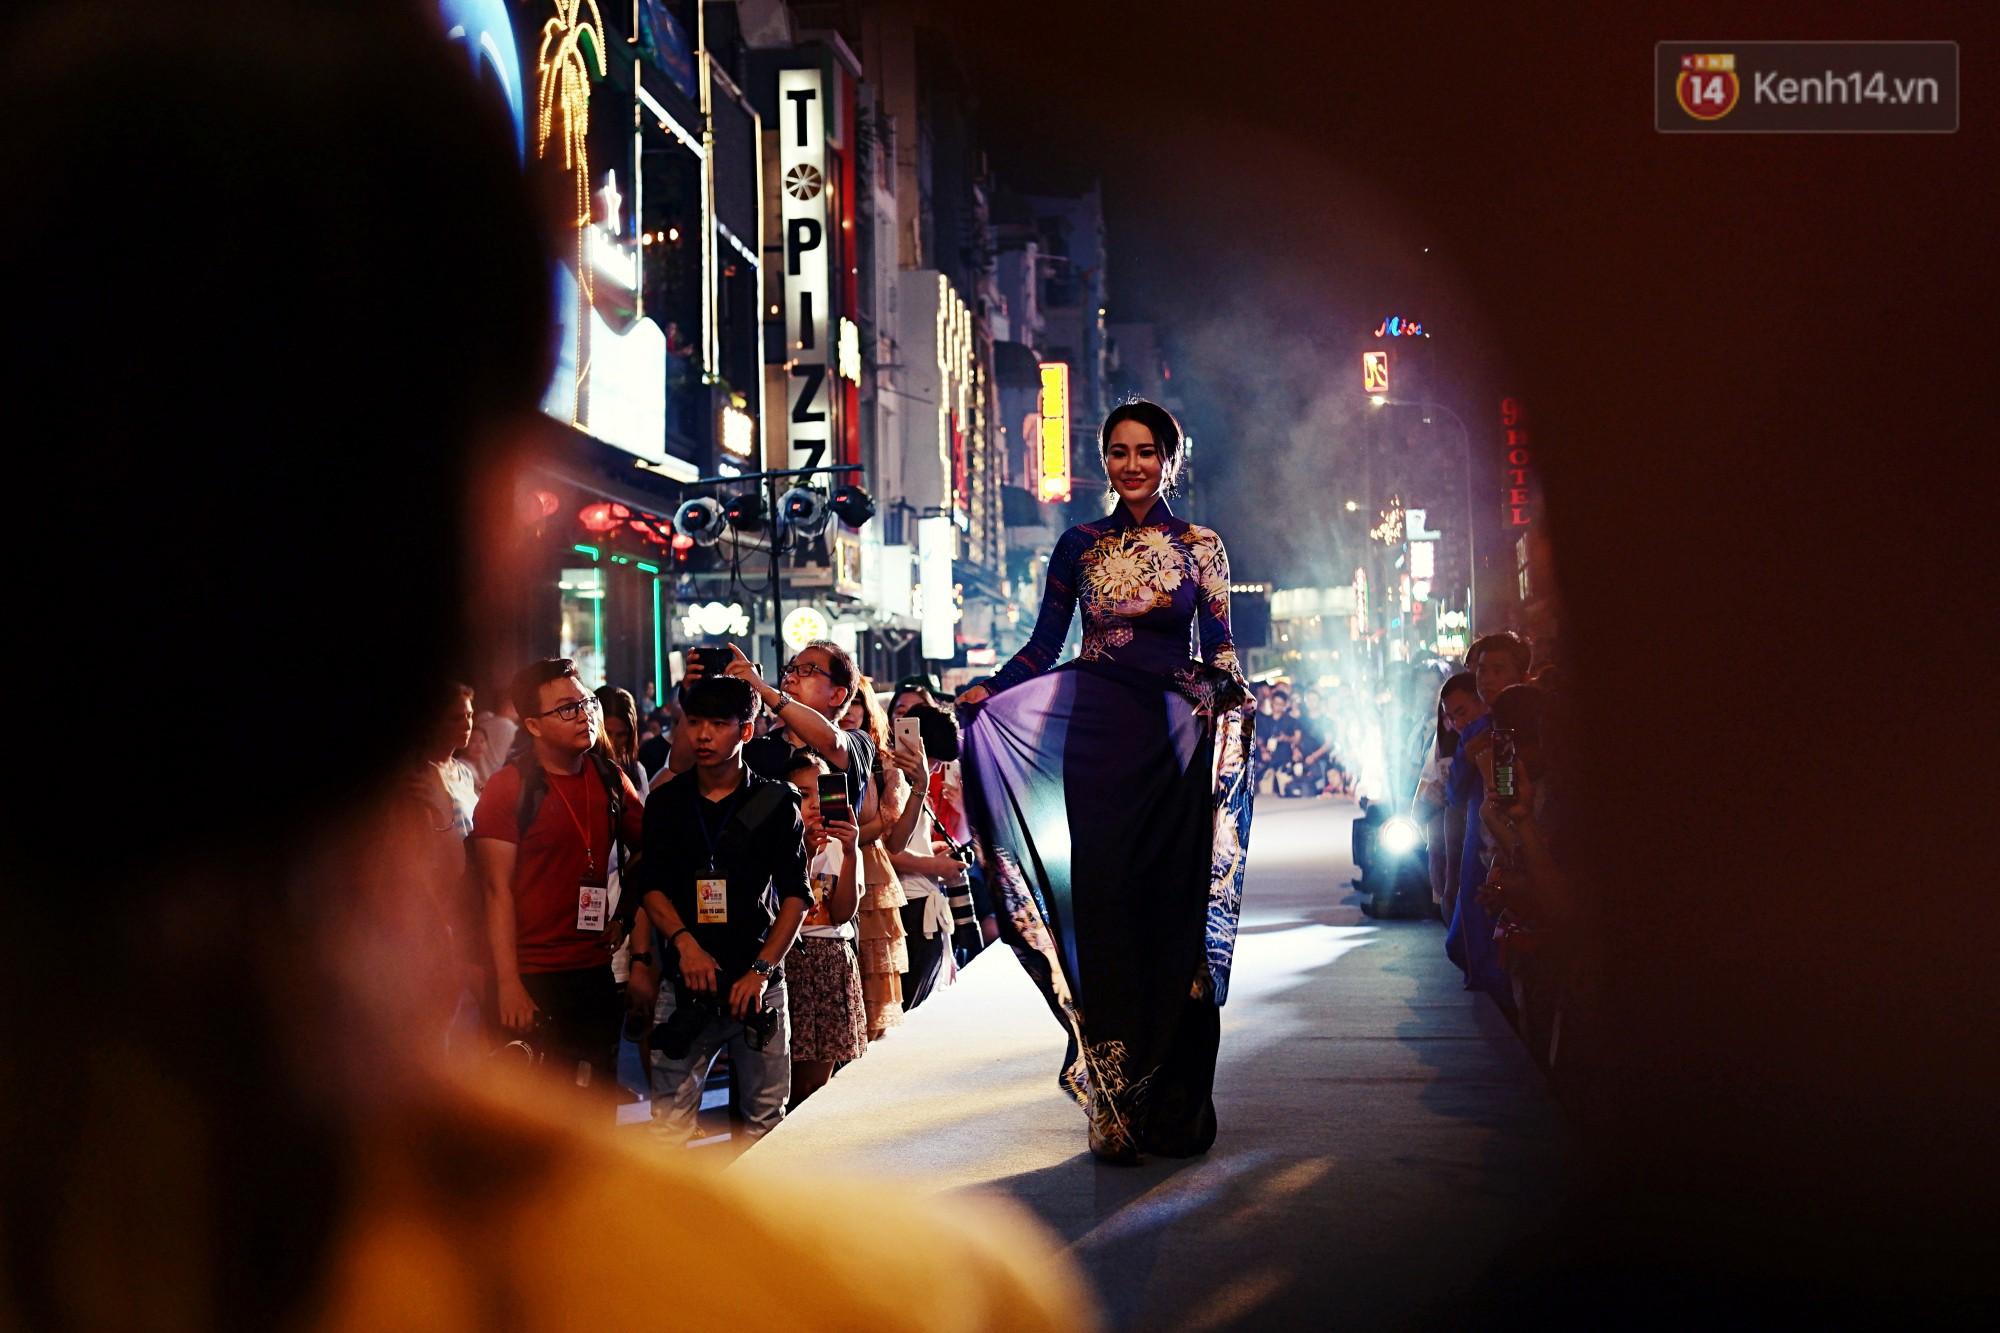 Phố đi bộ Bùi Viện náo nhiệt với màn trình diễn áo dài ấn tượng, du khách nước ngoài thích thú chiêm ngưỡng - Ảnh 6.